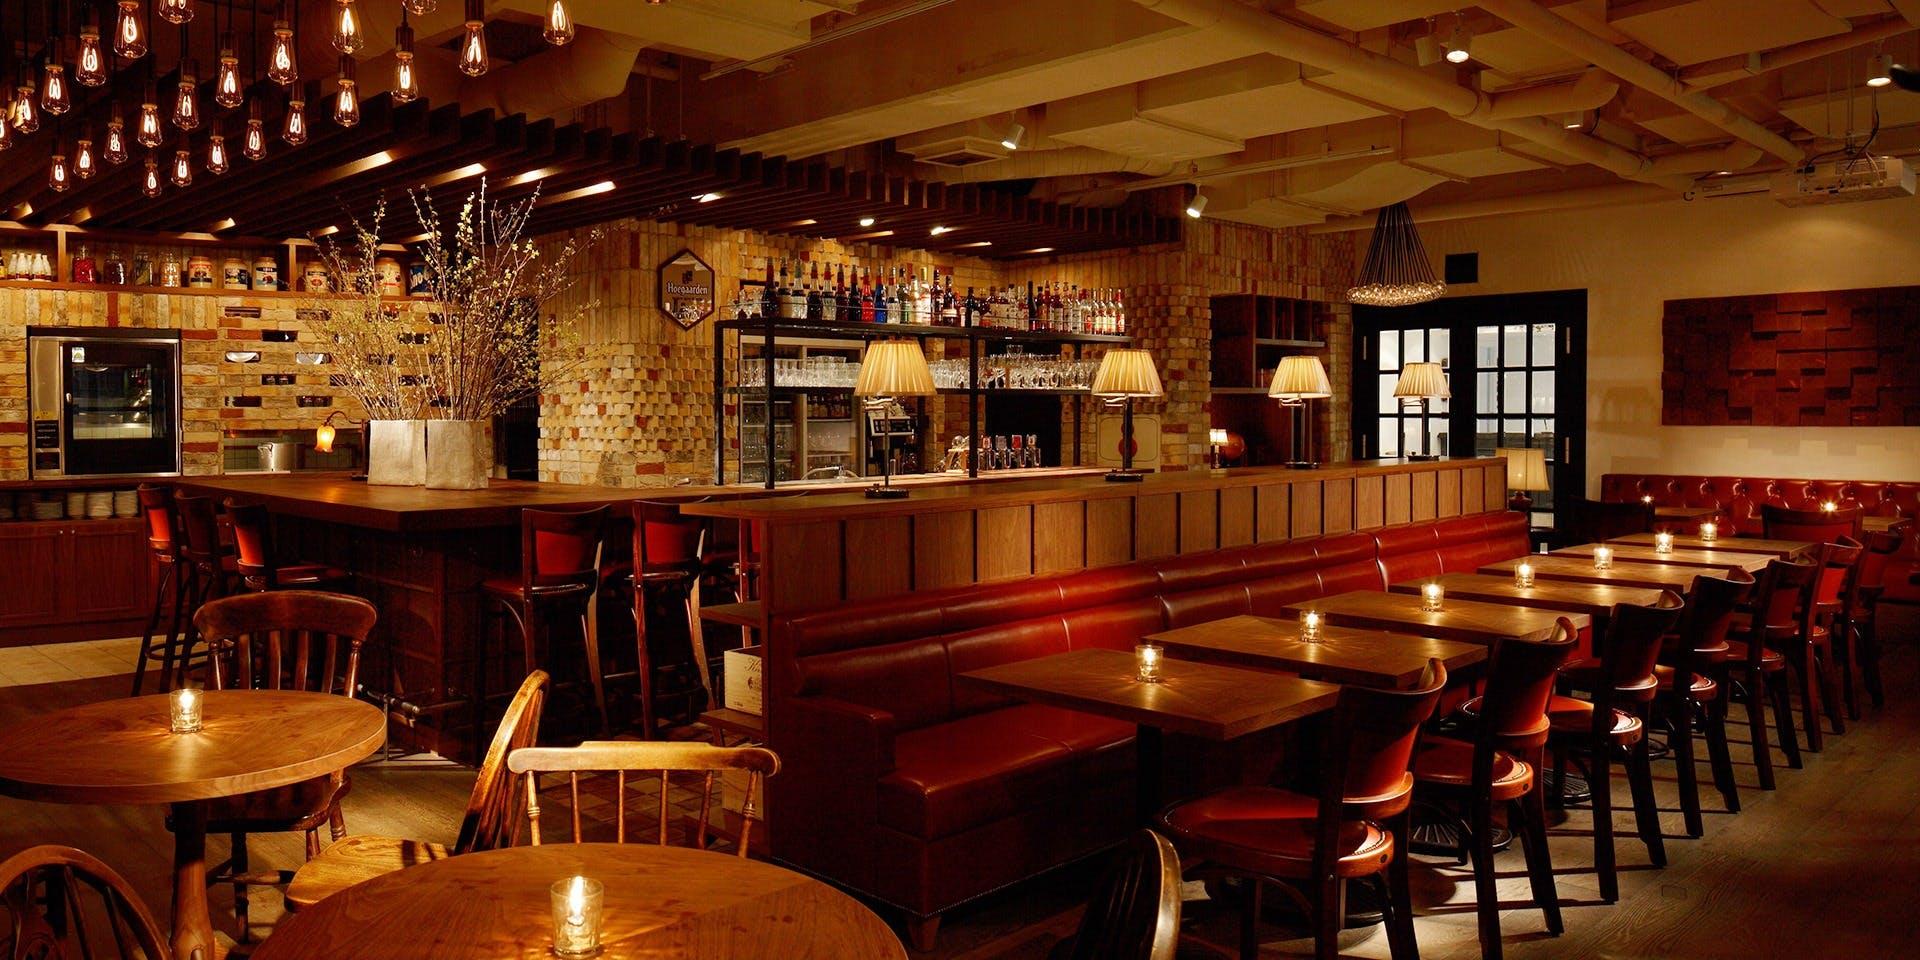 記念日におすすめのレストラン・Cafe & Rotisserie LA COCORICO 上野/ホテルサンルートステラ上野の写真1